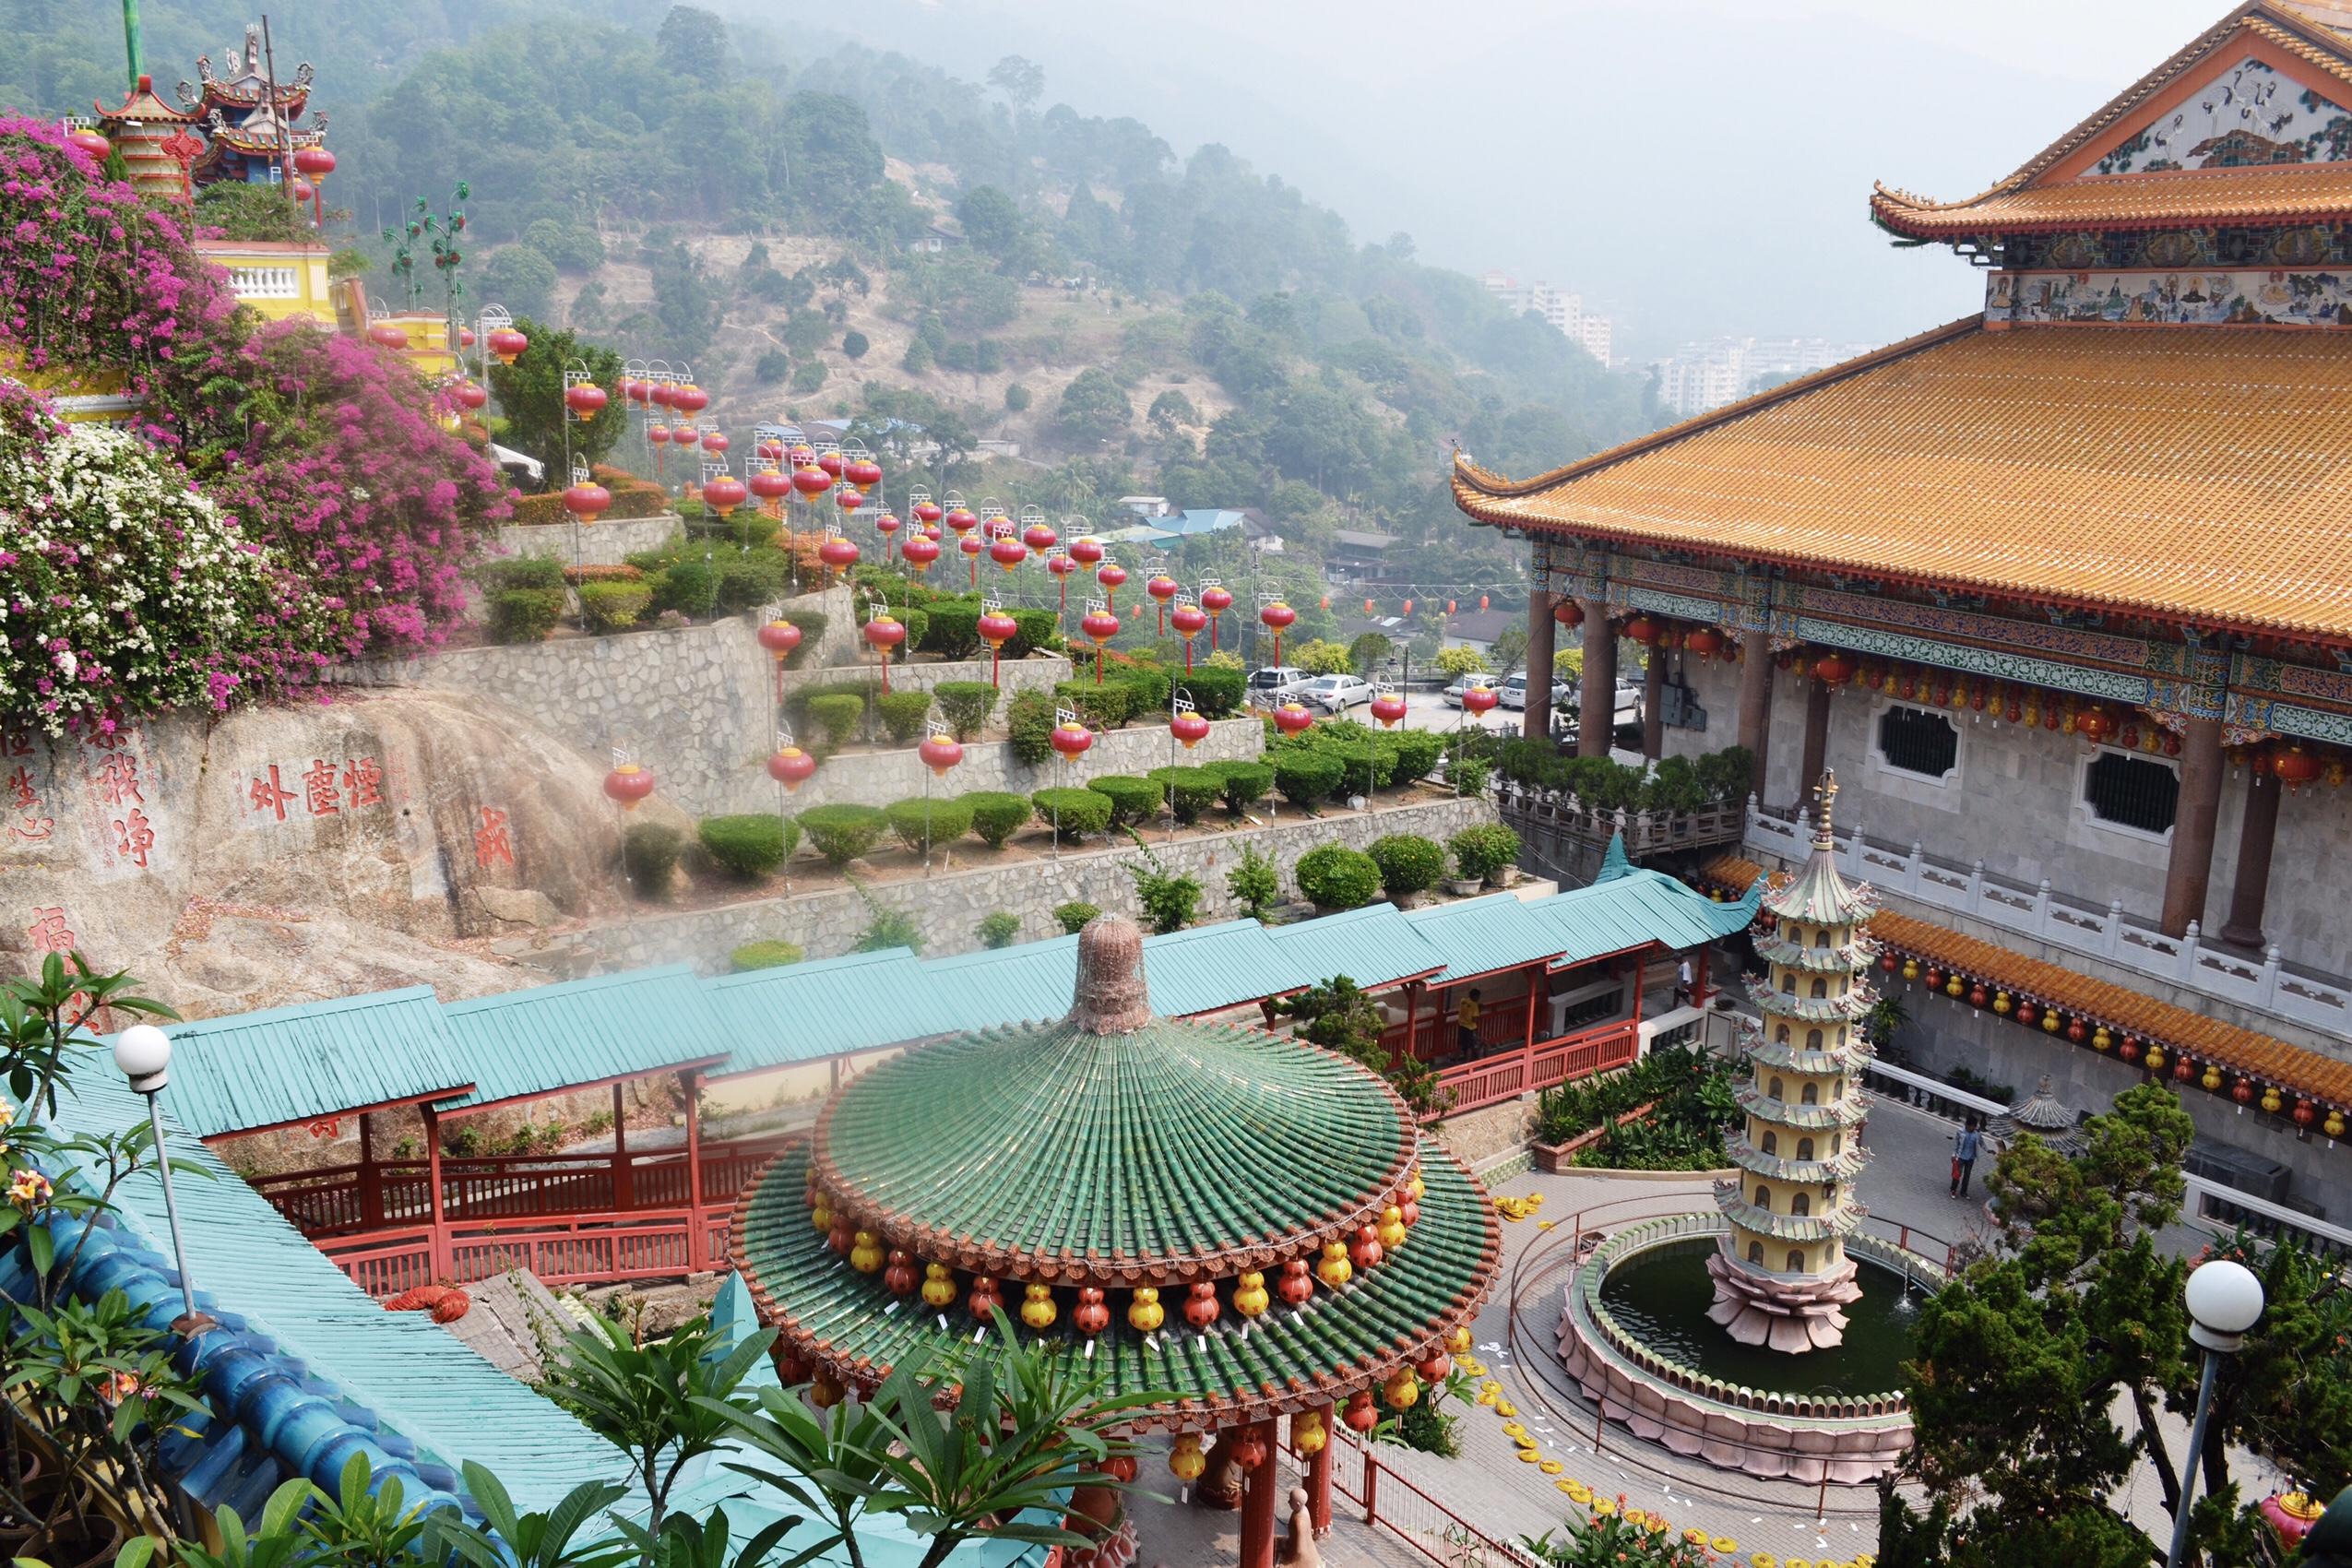 image of Kek Lok Si temple in Malaysia